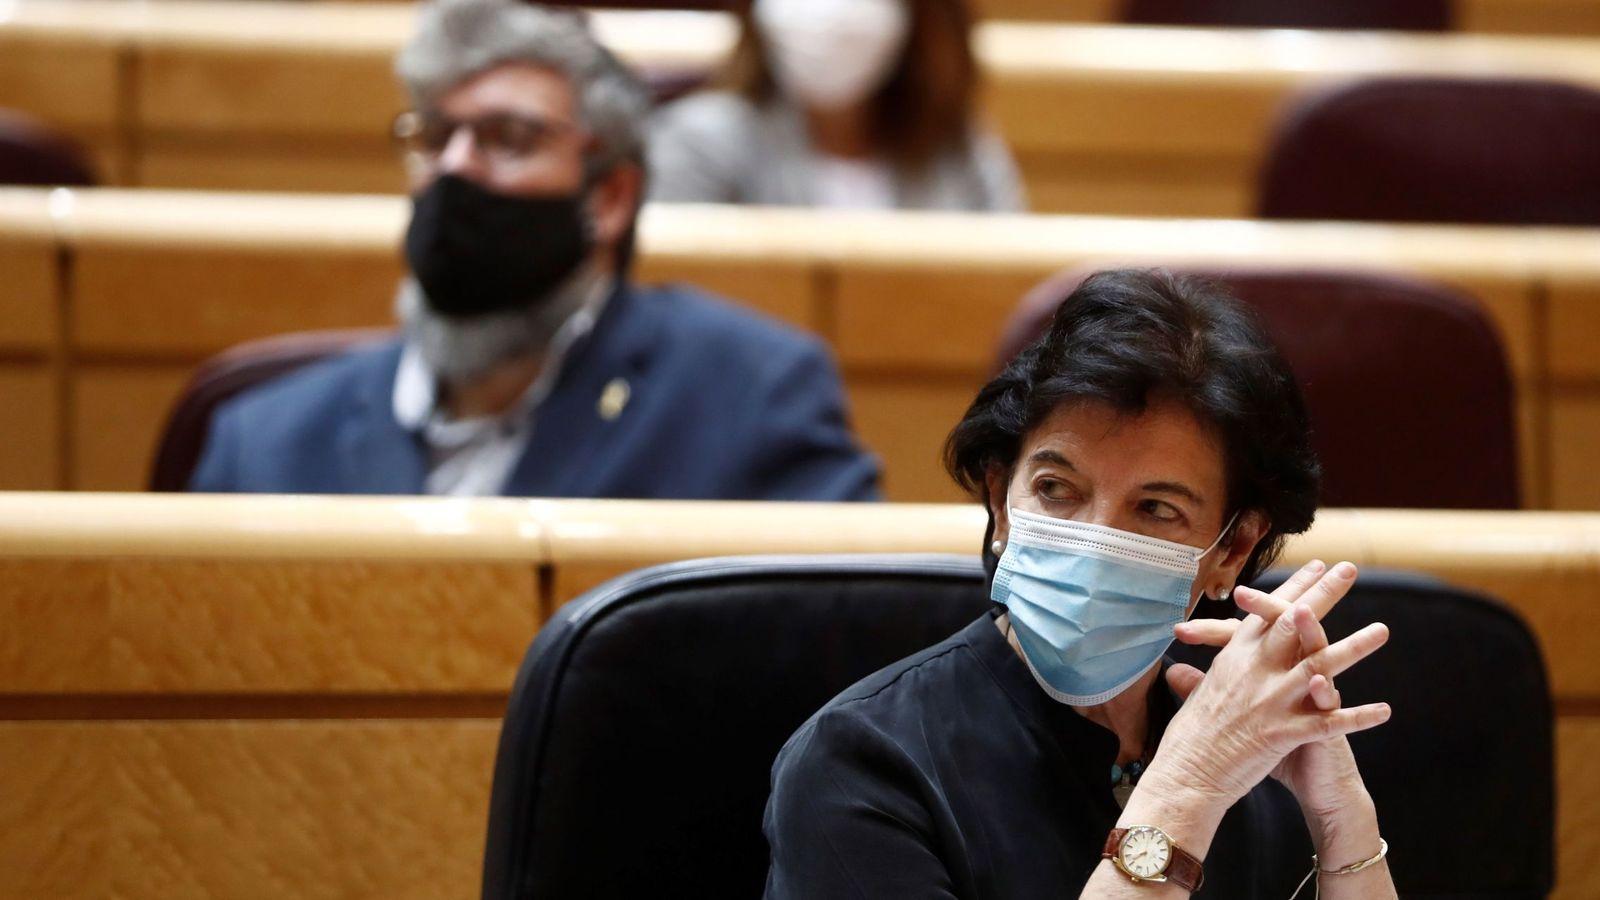 La ministra de Educación, Isabel Celaá, durante la sesión de control al Gobierno en el Senado. (EFE)